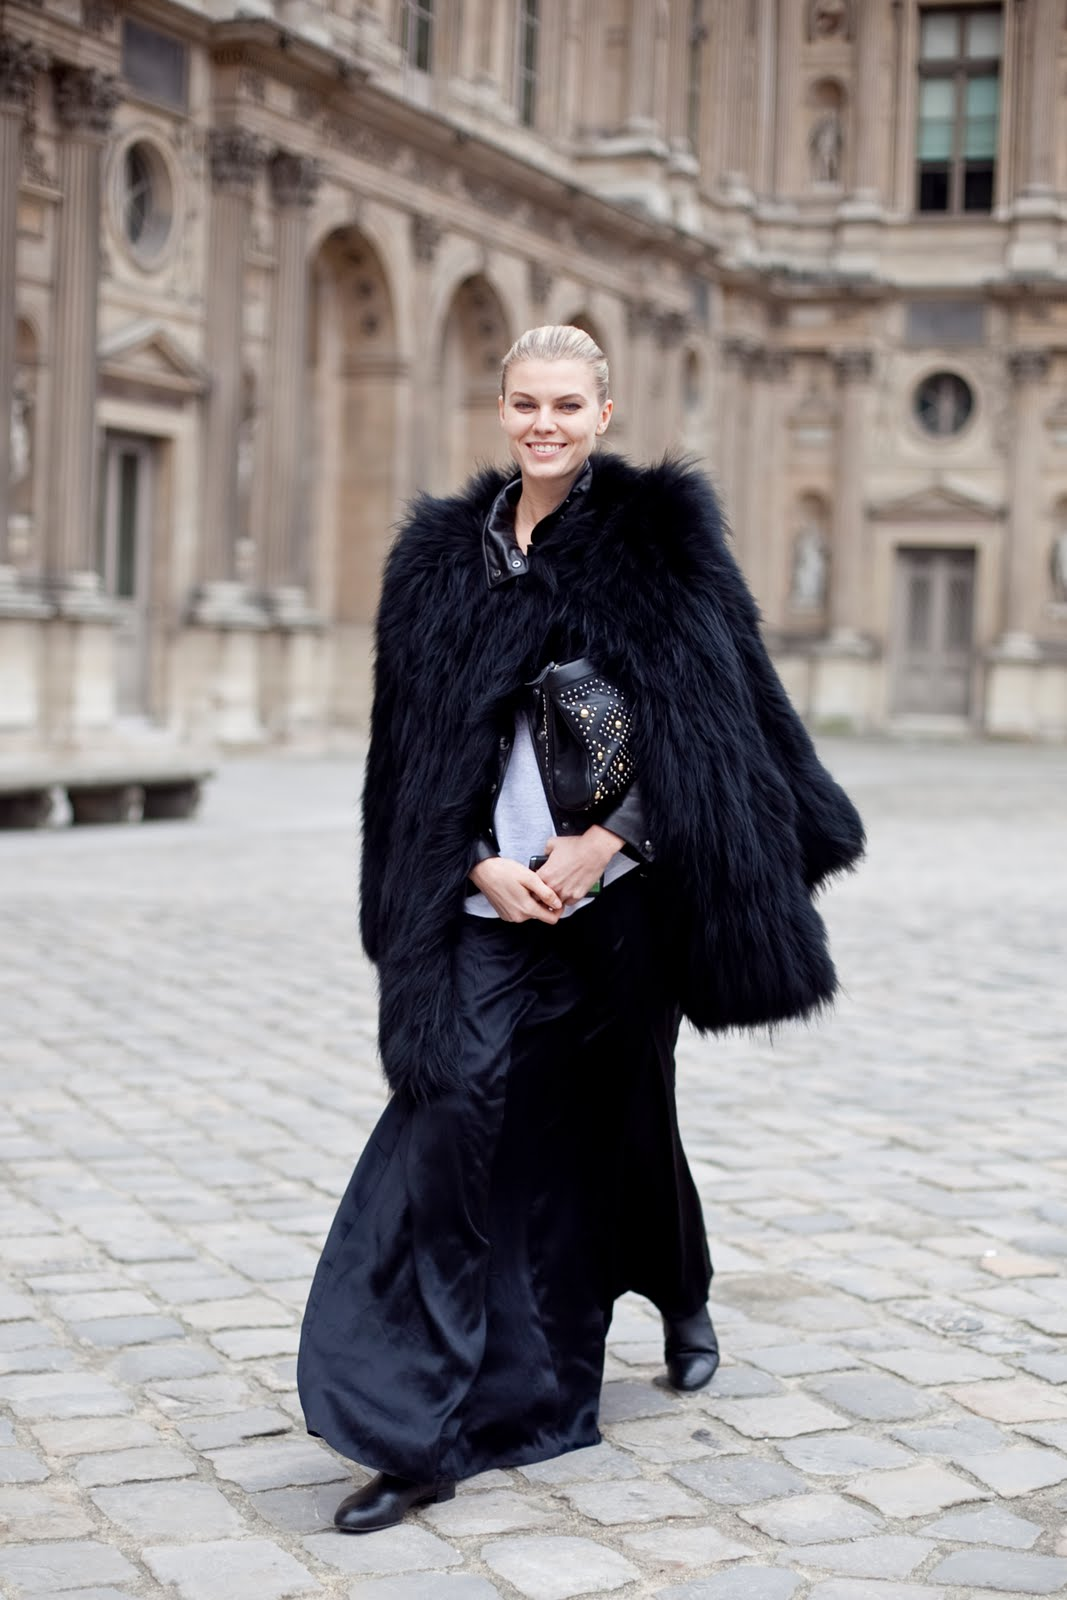 http://4.bp.blogspot.com/-HAl-dVEUHL4/TfY9Xeku07I/AAAAAAAAEQA/Mmqf88fVRAo/s1600/la+modella+mafia+Streetstylin+Maryna+Linchuk+via+altamira.jpg